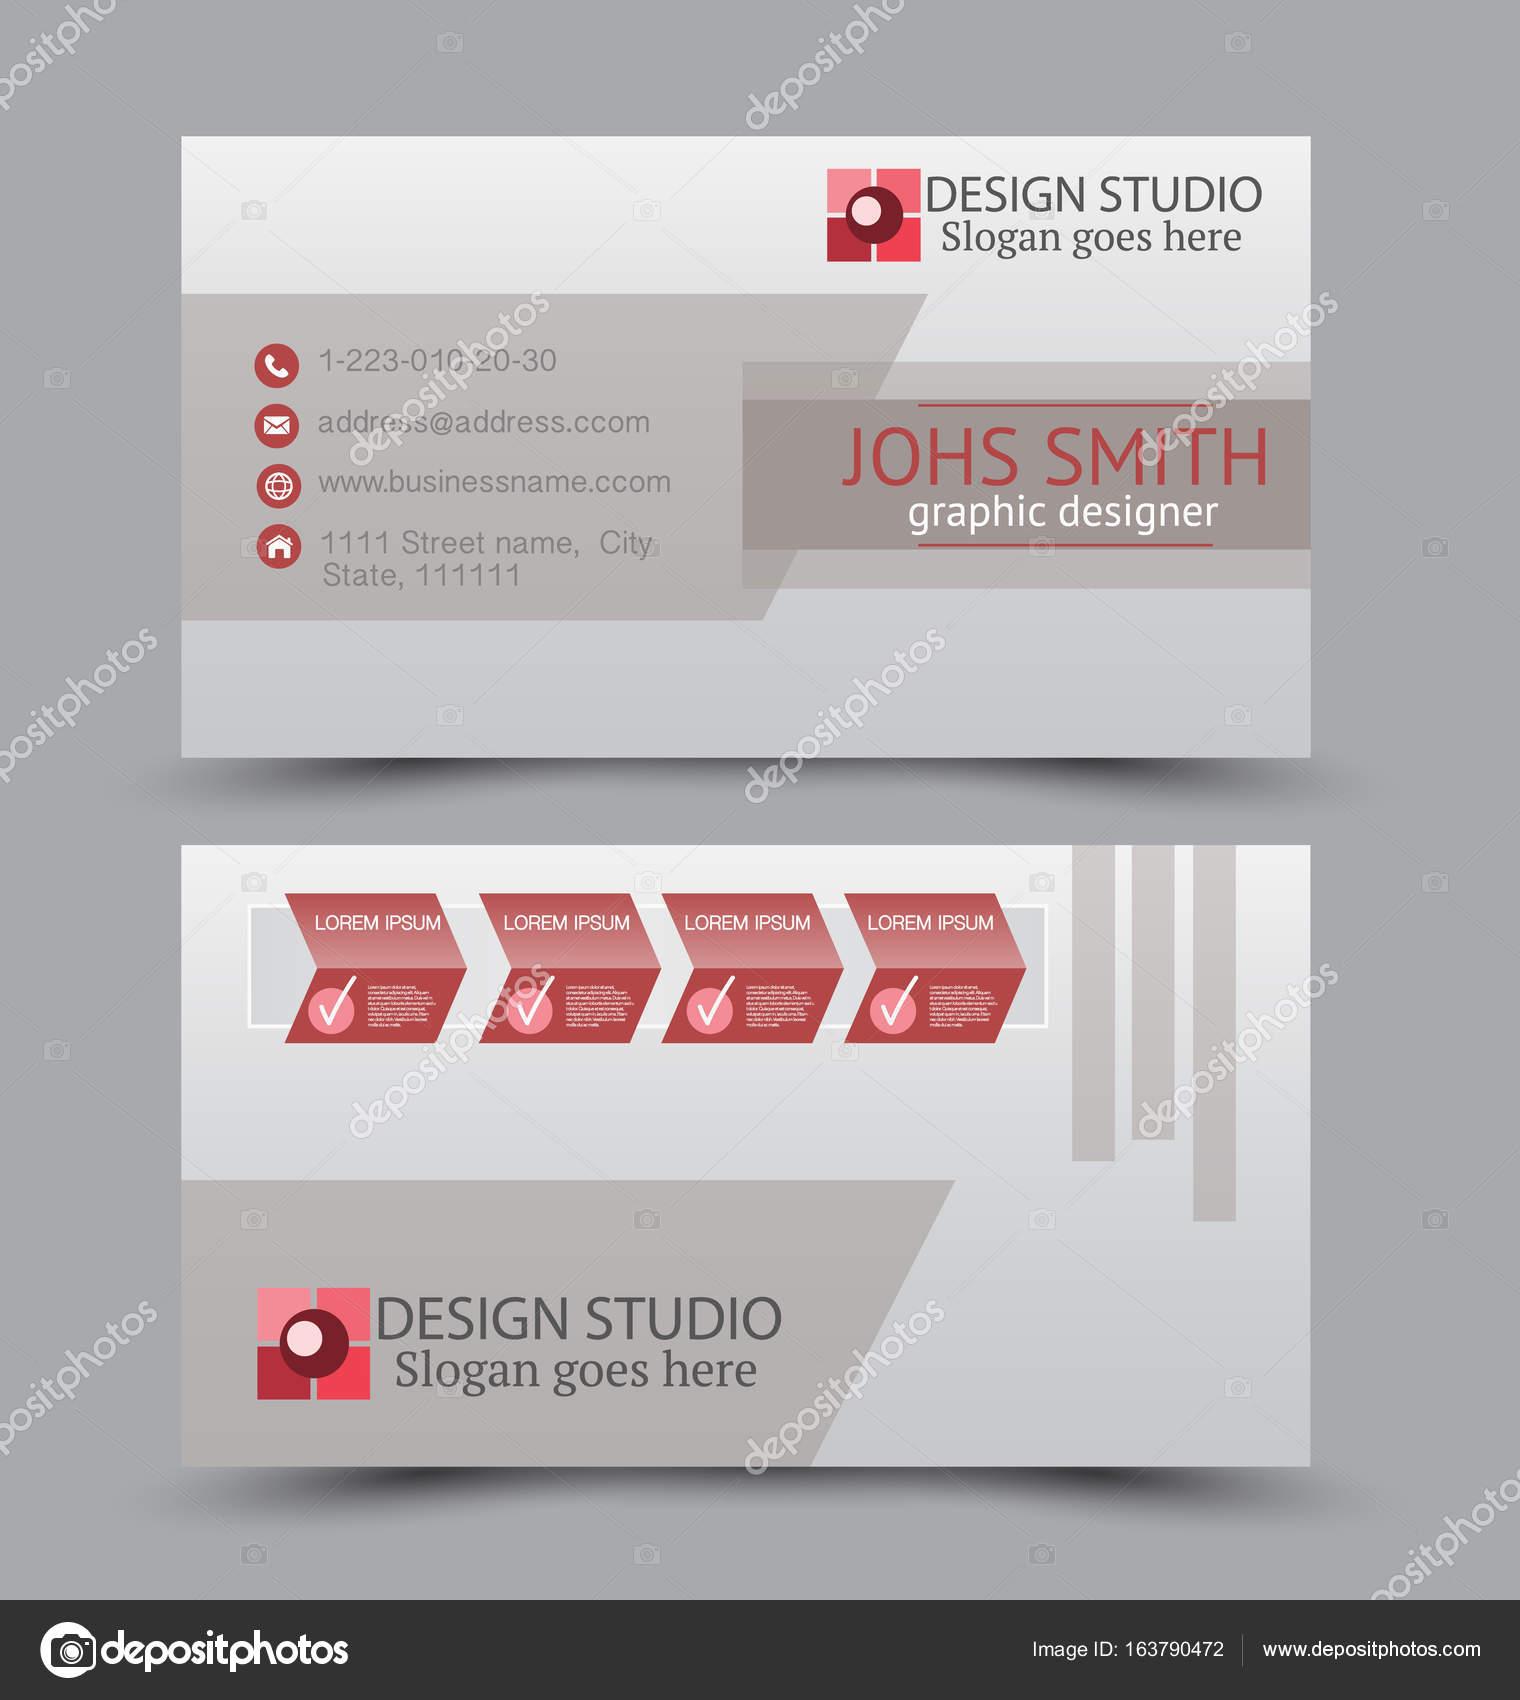 Carte De Visite Design Definie Modele Pour Style Corporatif La Societe Couleur Rouge Illustration Vectorielle Vecteur Par Milana88